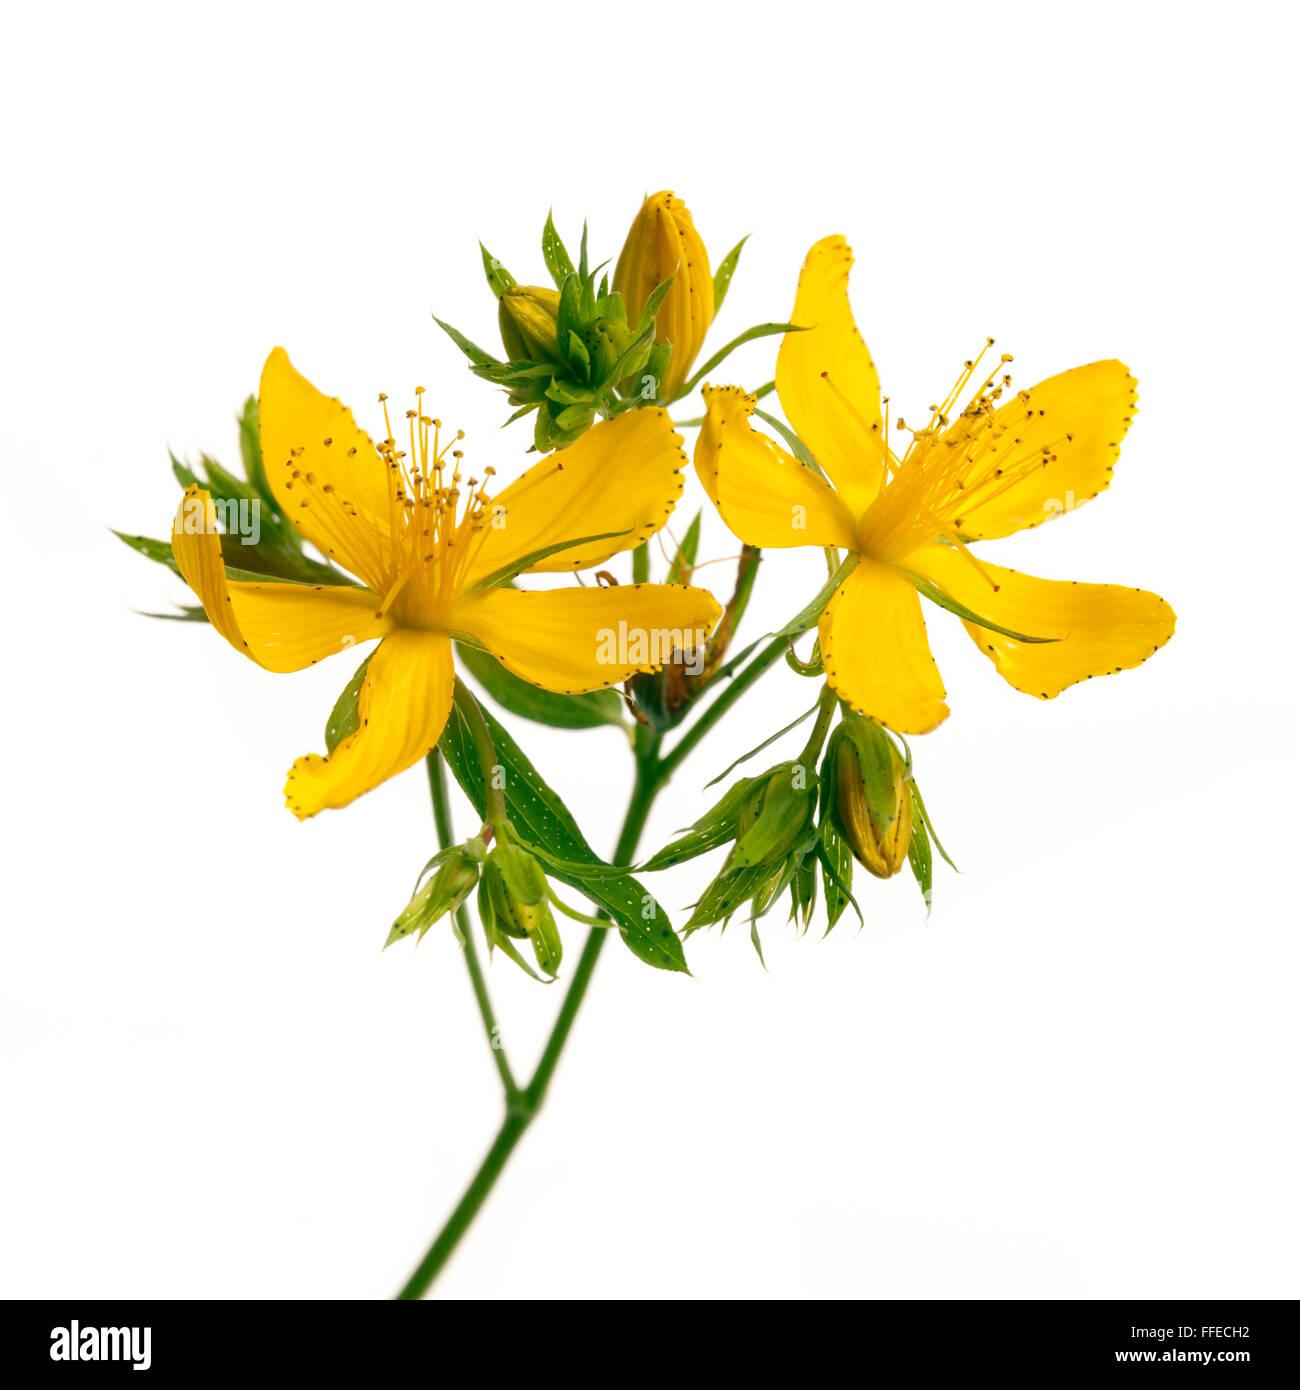 Plantas Medicinales Frescas De Hiperico Sucursal Closeup Con Flores